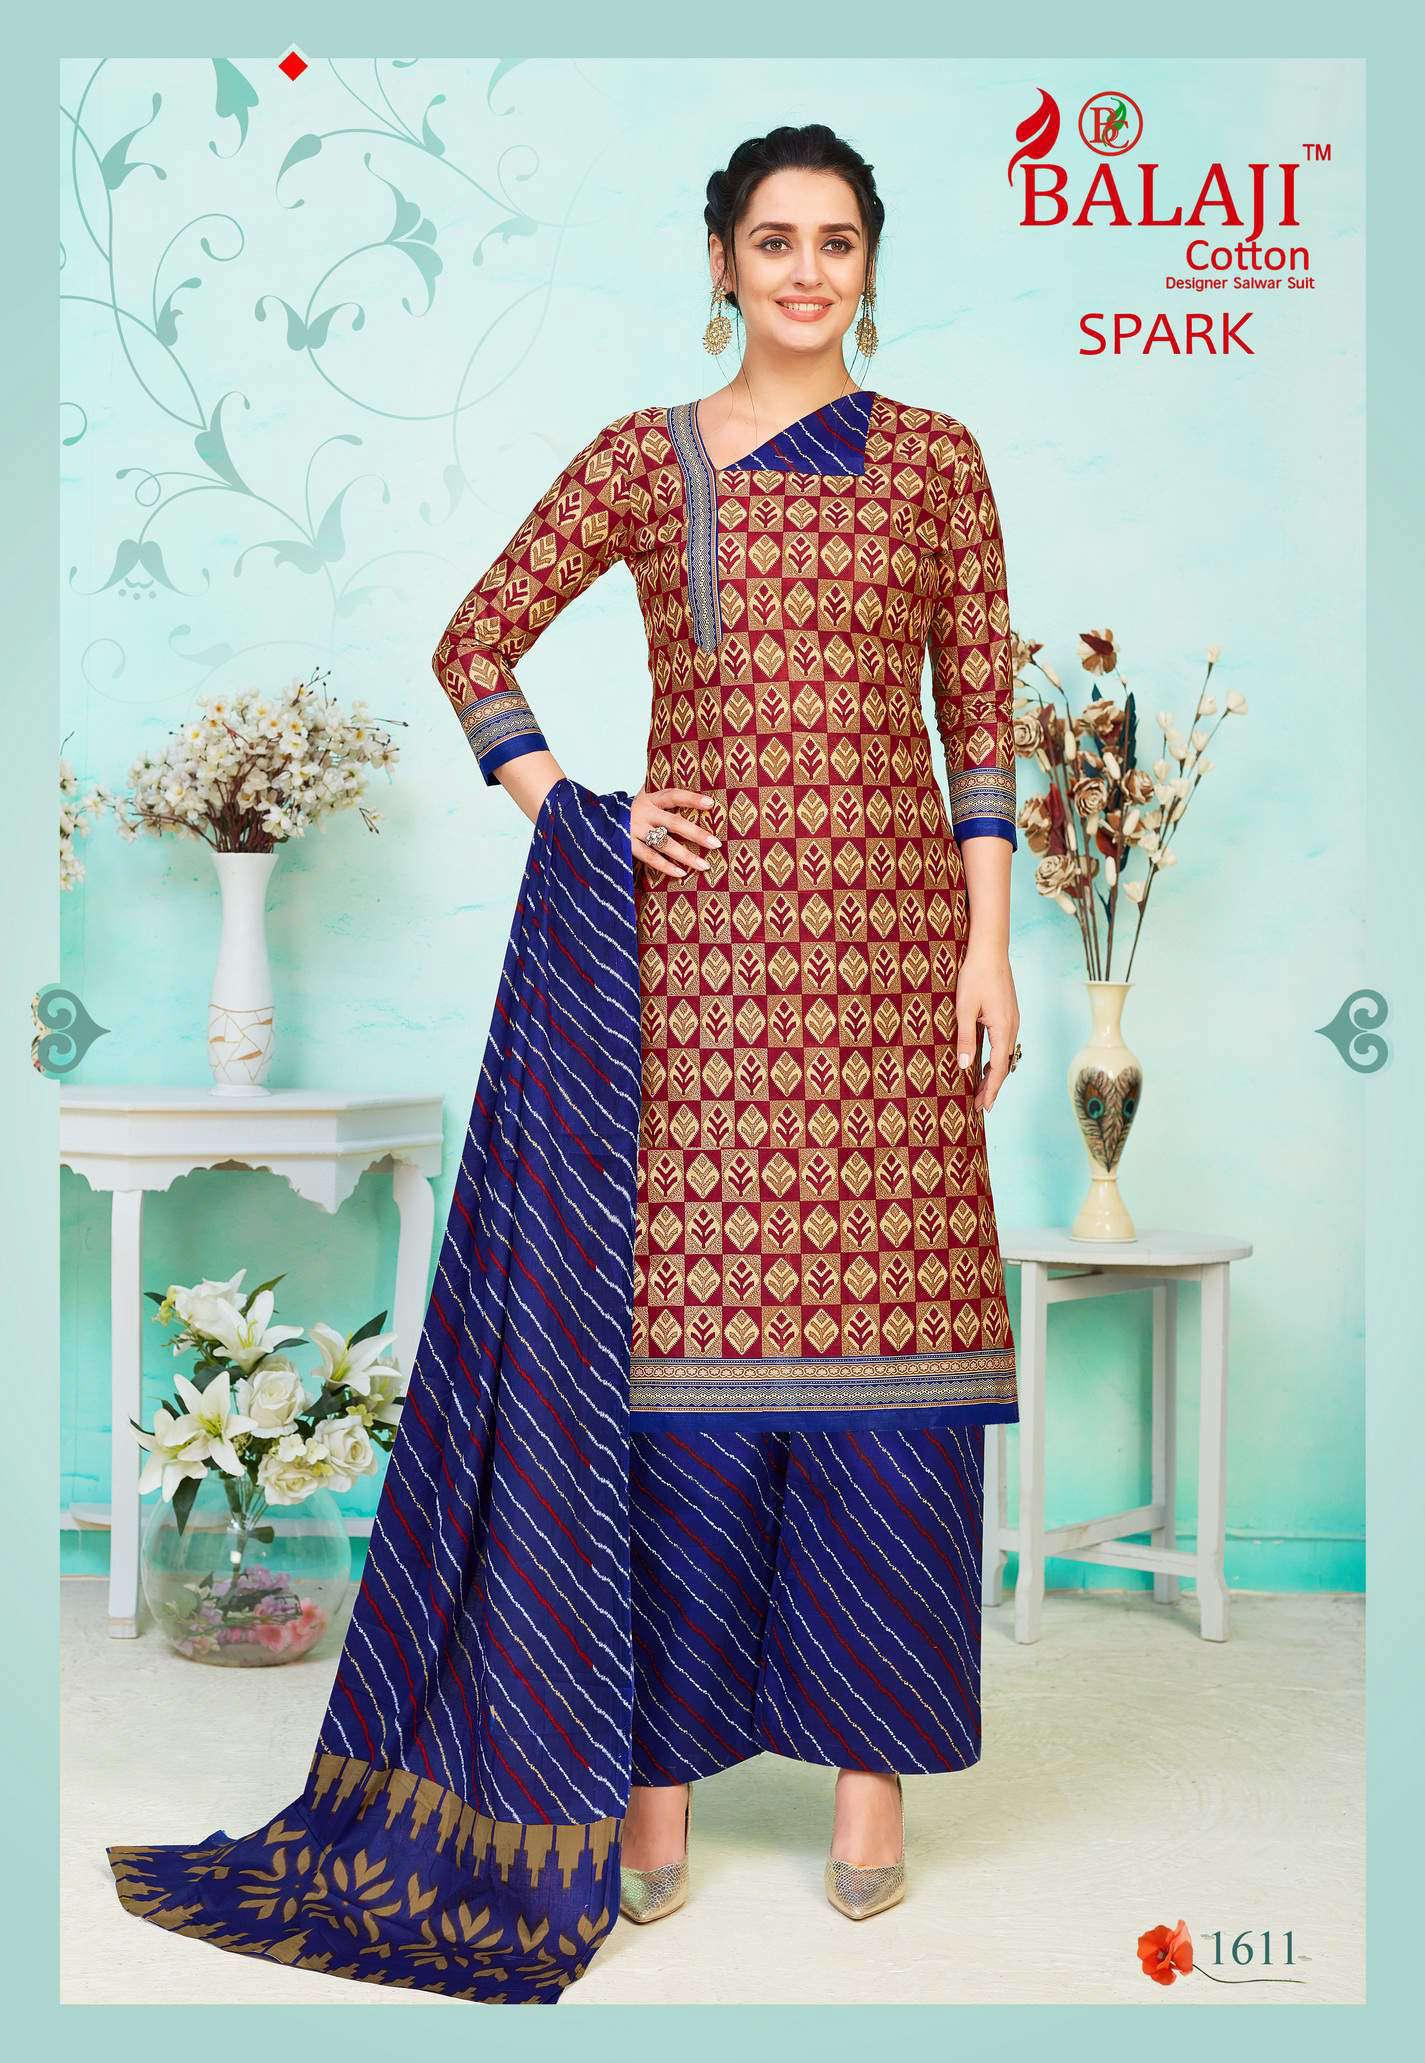 Balaji Cotton Spark Vol 16 Salwar Suit Wholesale Catalog 16 Pcs 11 - Balaji Cotton Spark Vol 16 Salwar Suit Wholesale Catalog 16 Pcs